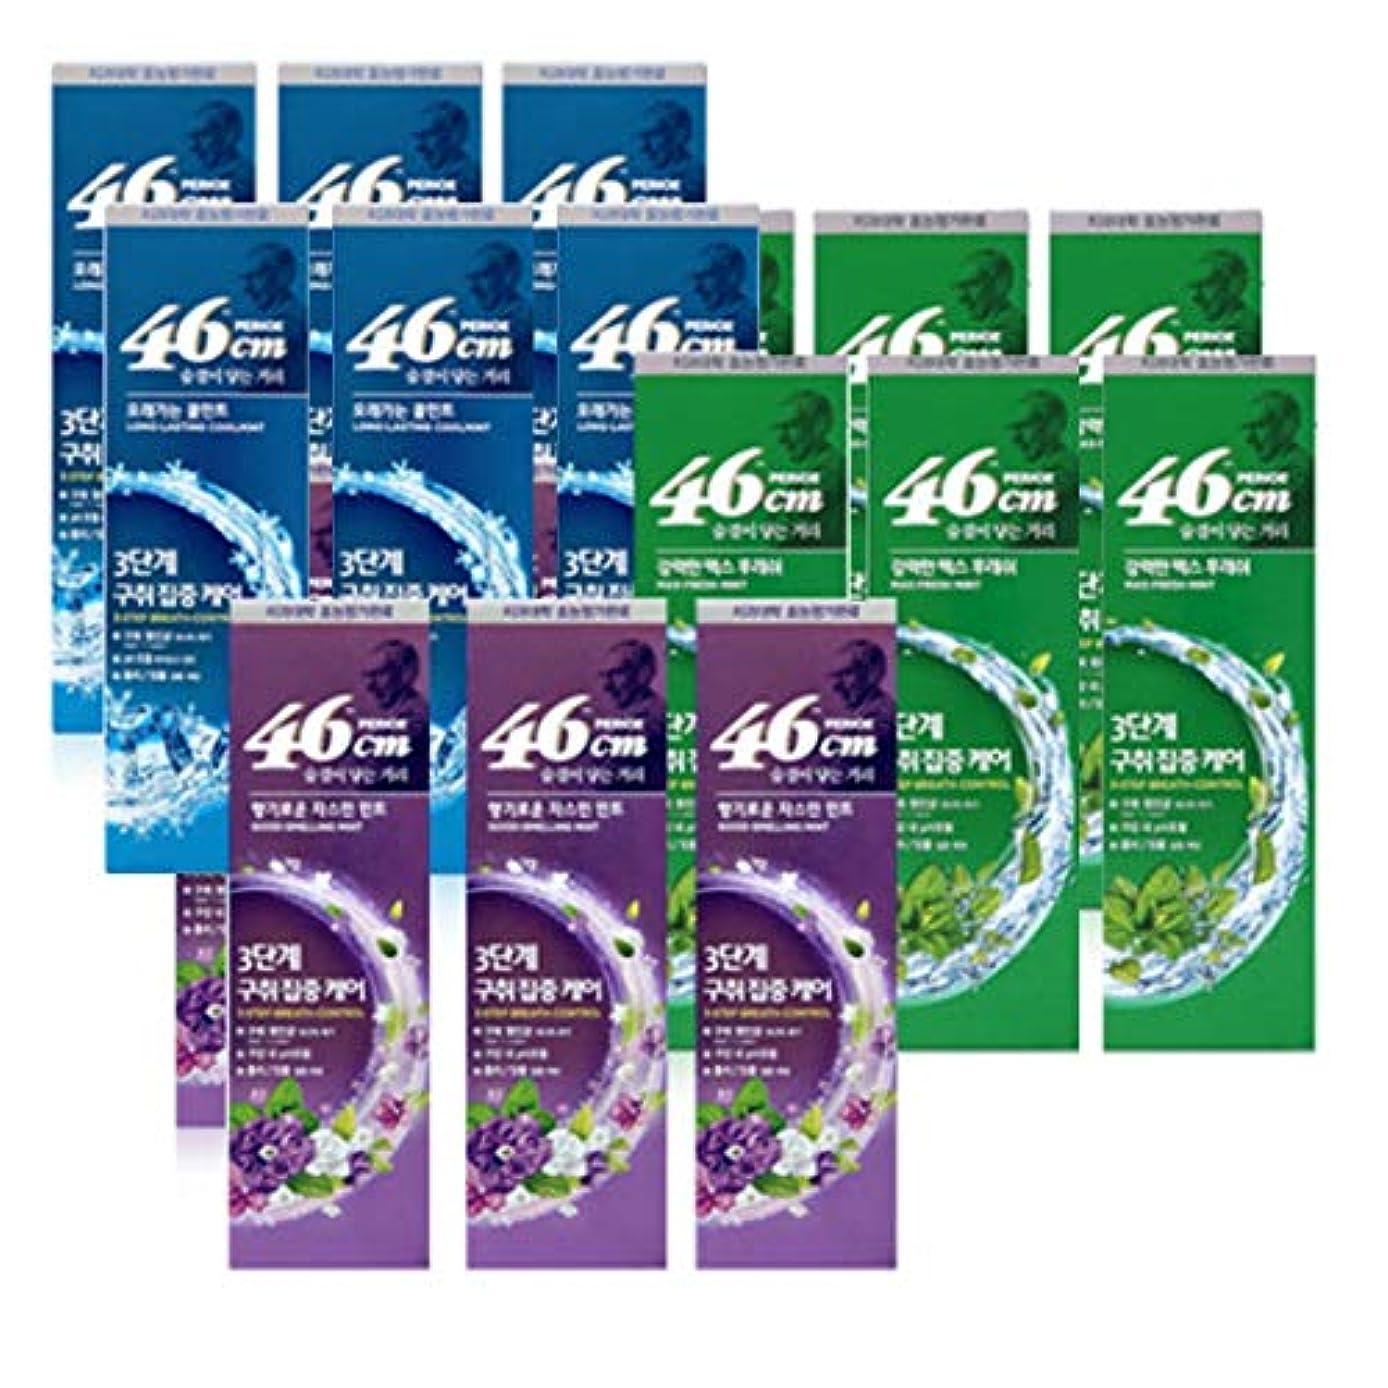 比喩気付く高揚した[LG HnB] Perio 46cm toothpaste / ペリオ46cm歯磨き粉 100gx18個(海外直送品)